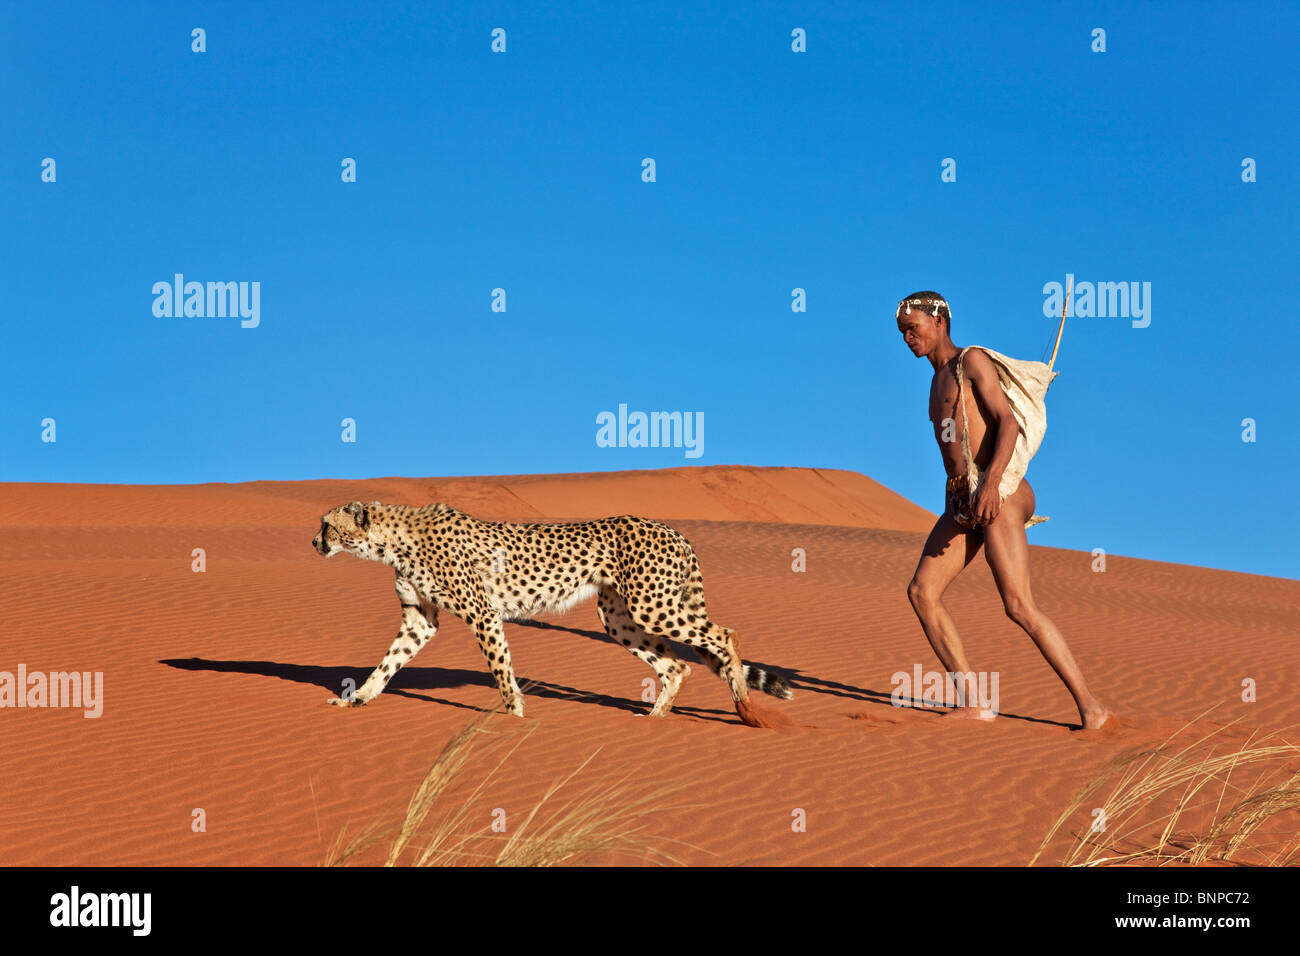 San cacciatori armati di arco tradizionale e la freccia con il ghepardo Immagini Stock